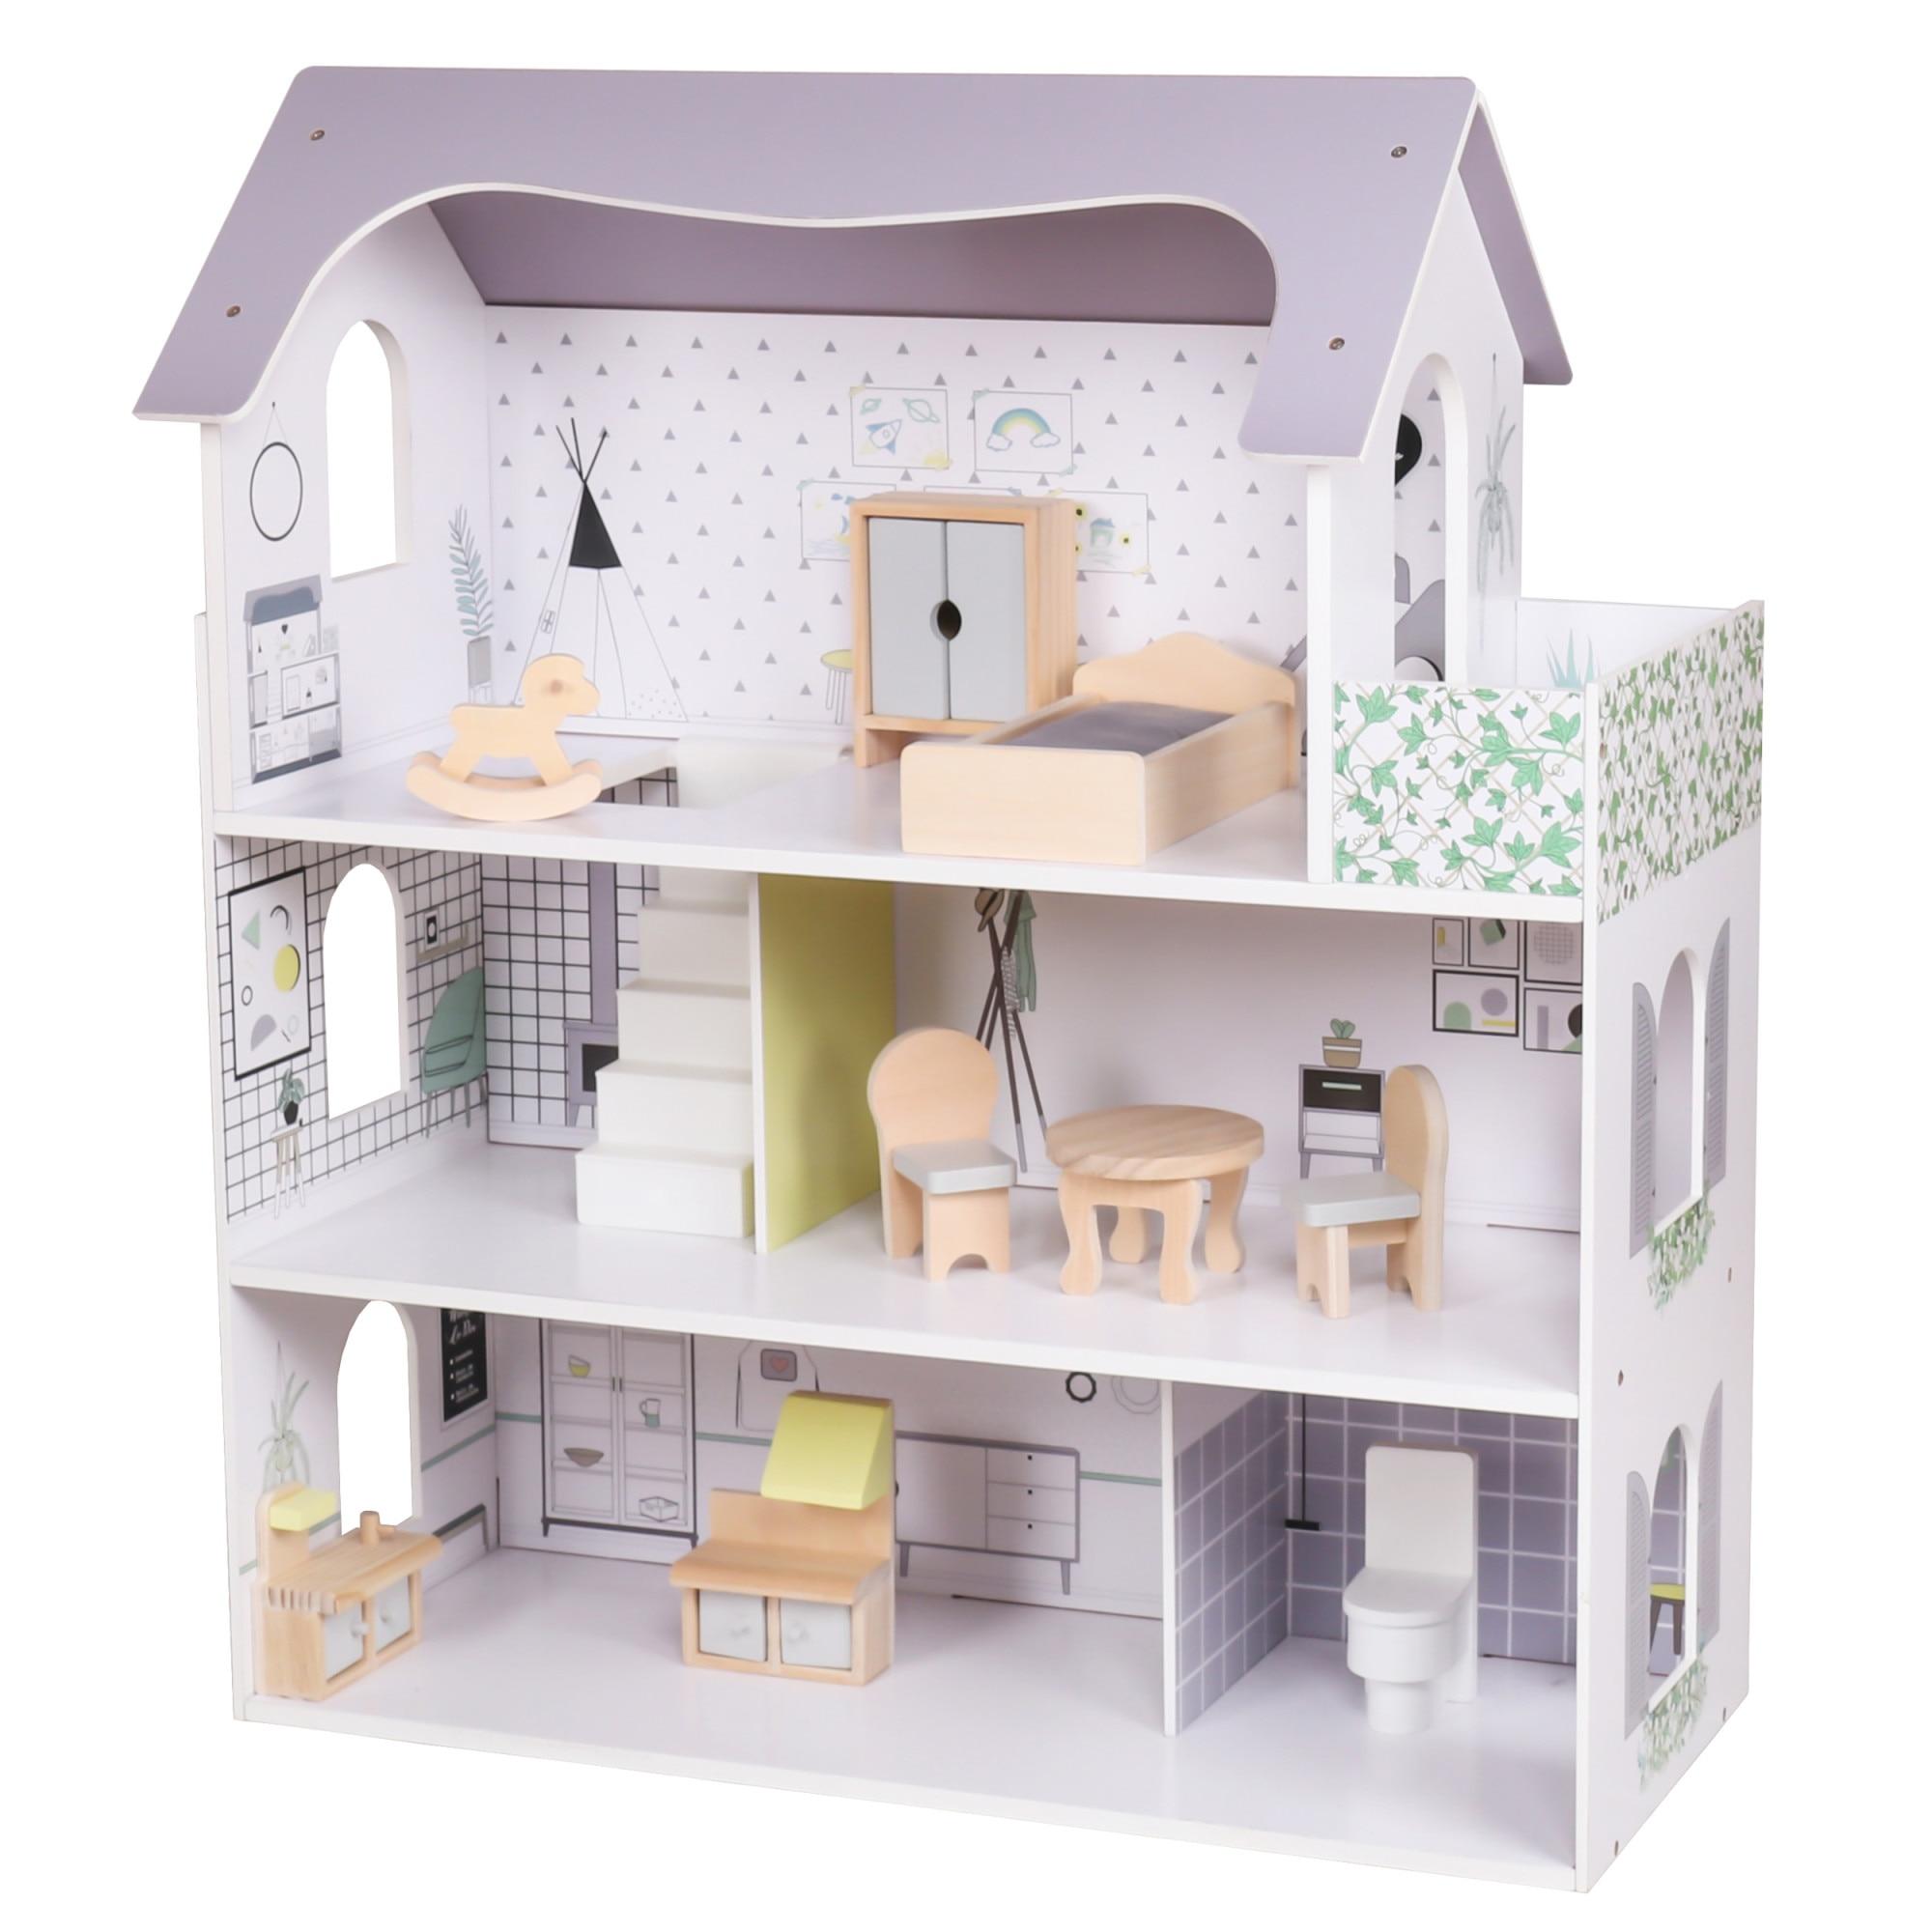 Fotografie Casuta din lemn pentru papusi, Mappy, 3 etaje cu mobilier, inaltime 70 cm, alb / gri